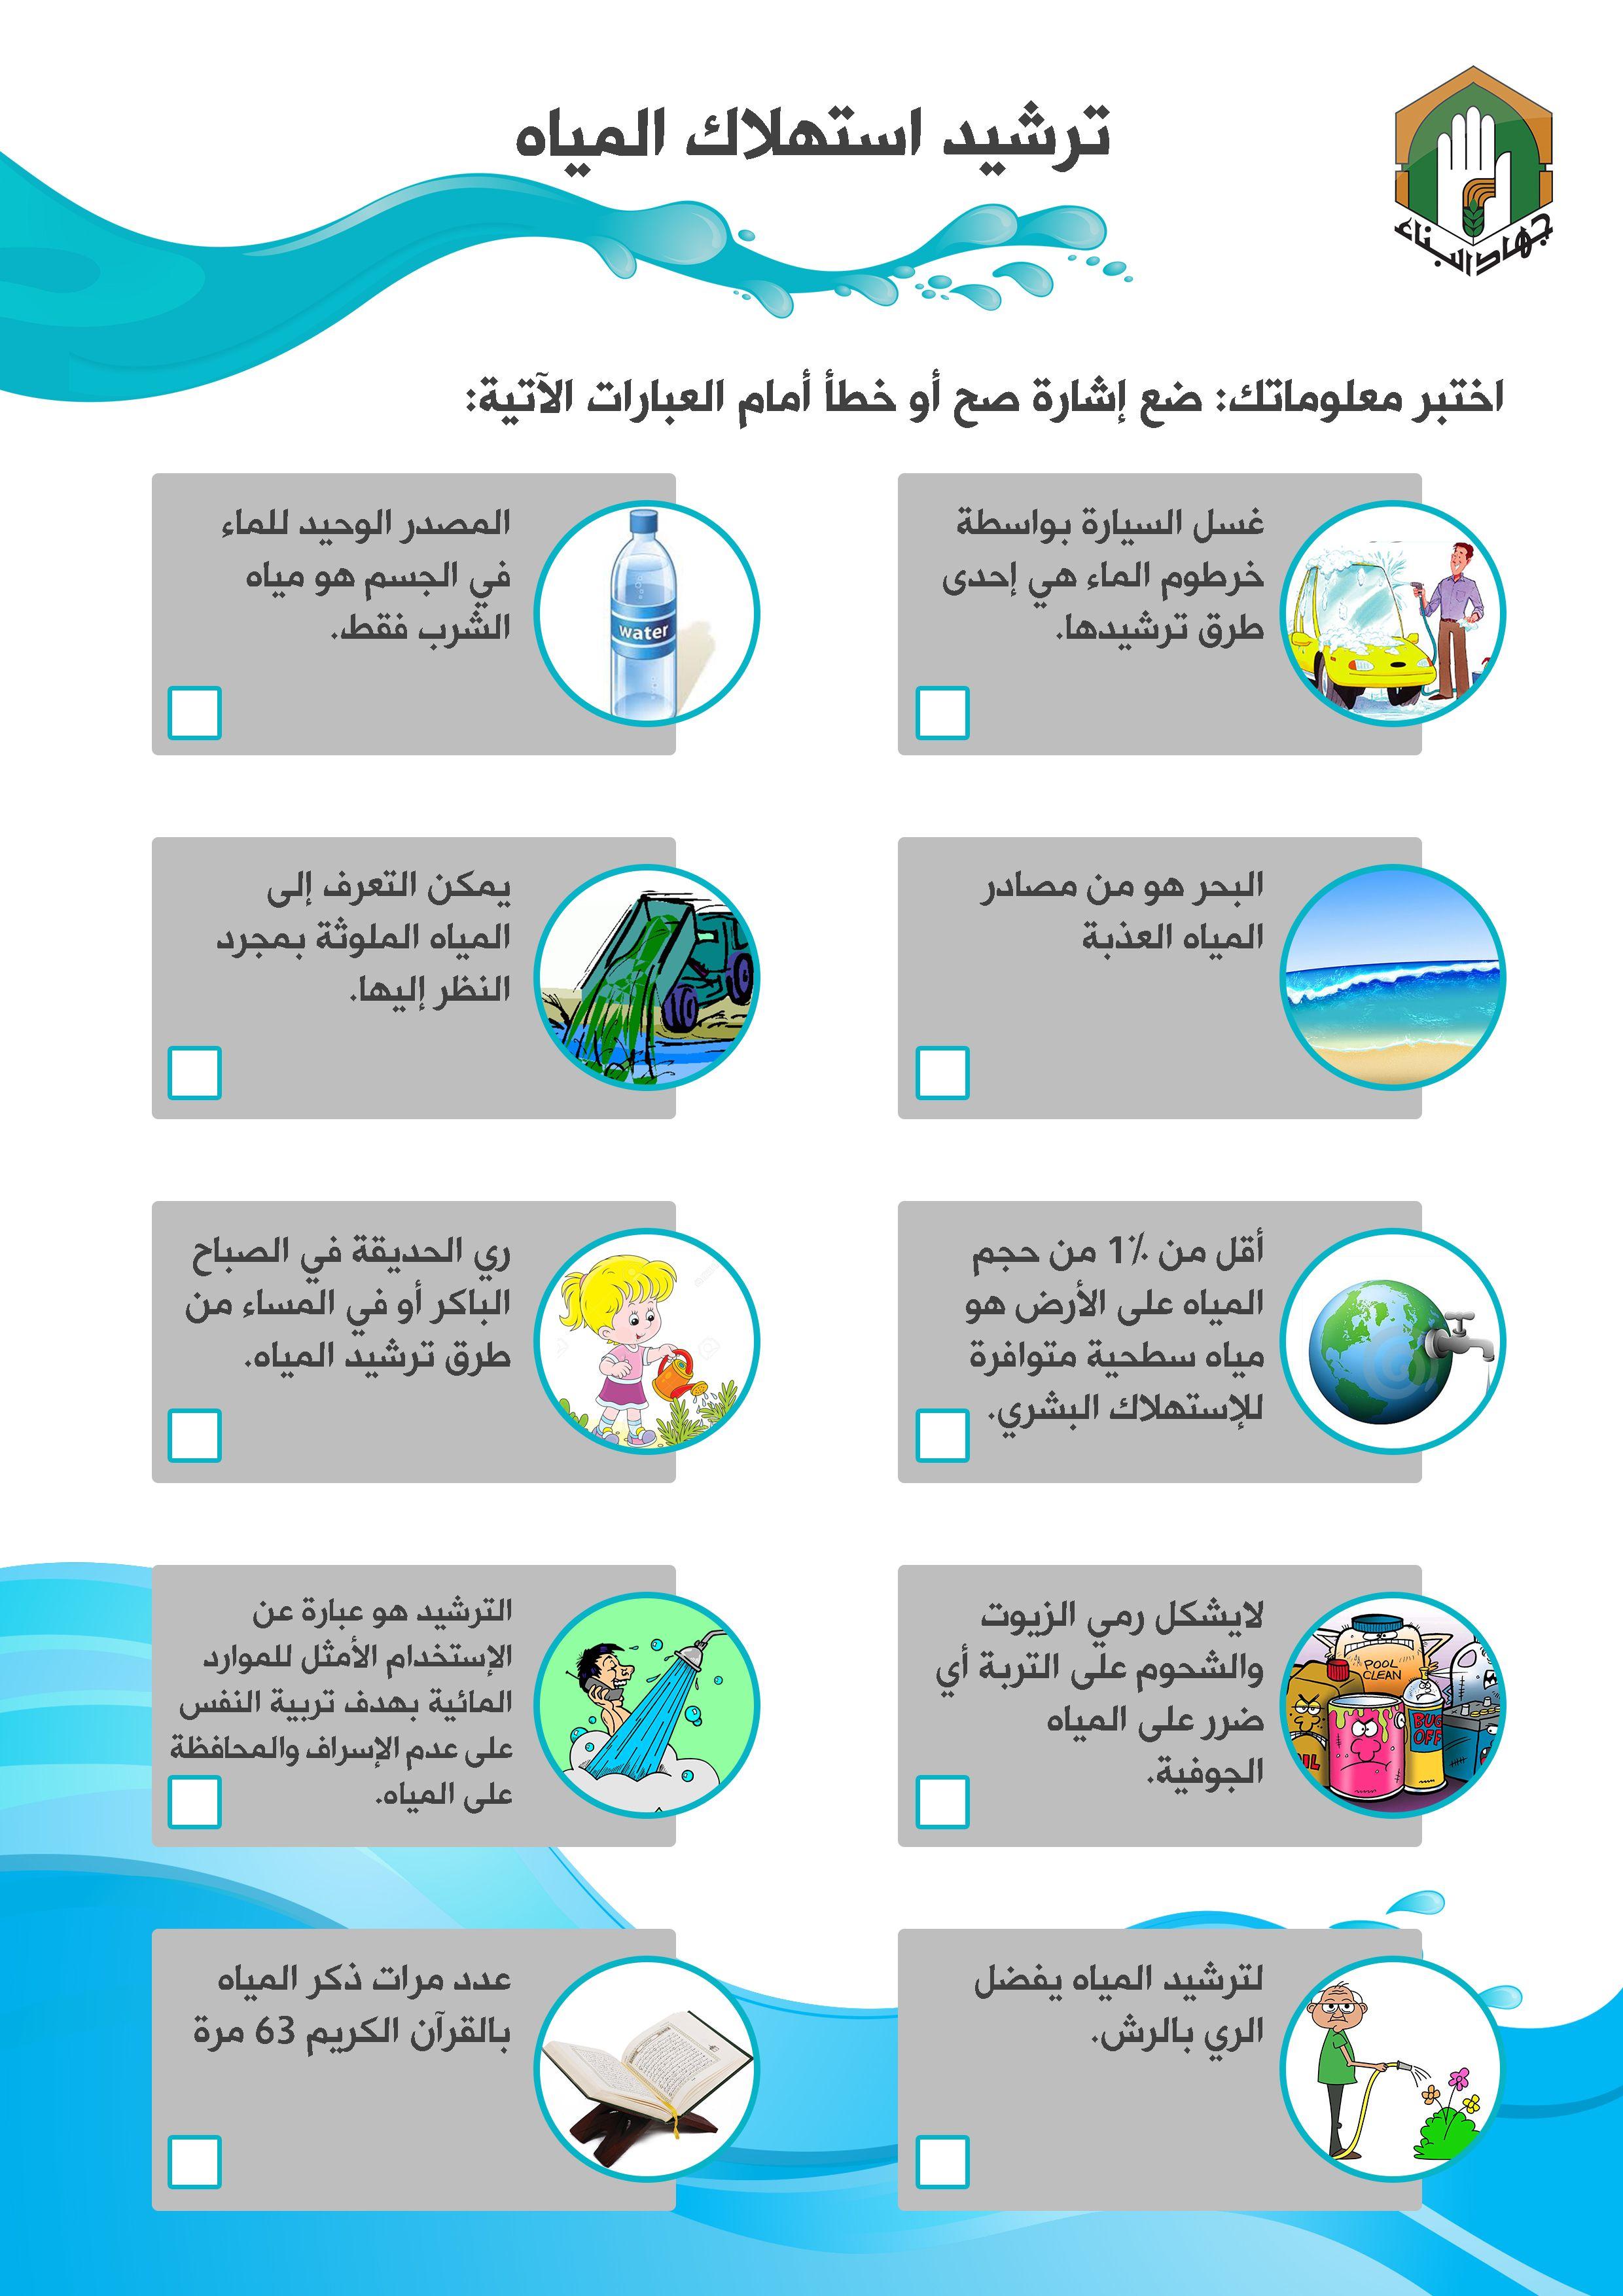 مسابقة لطلاب المدارس حول ترشيد استهلاك المياه Pictures Business Card Psd Infographic